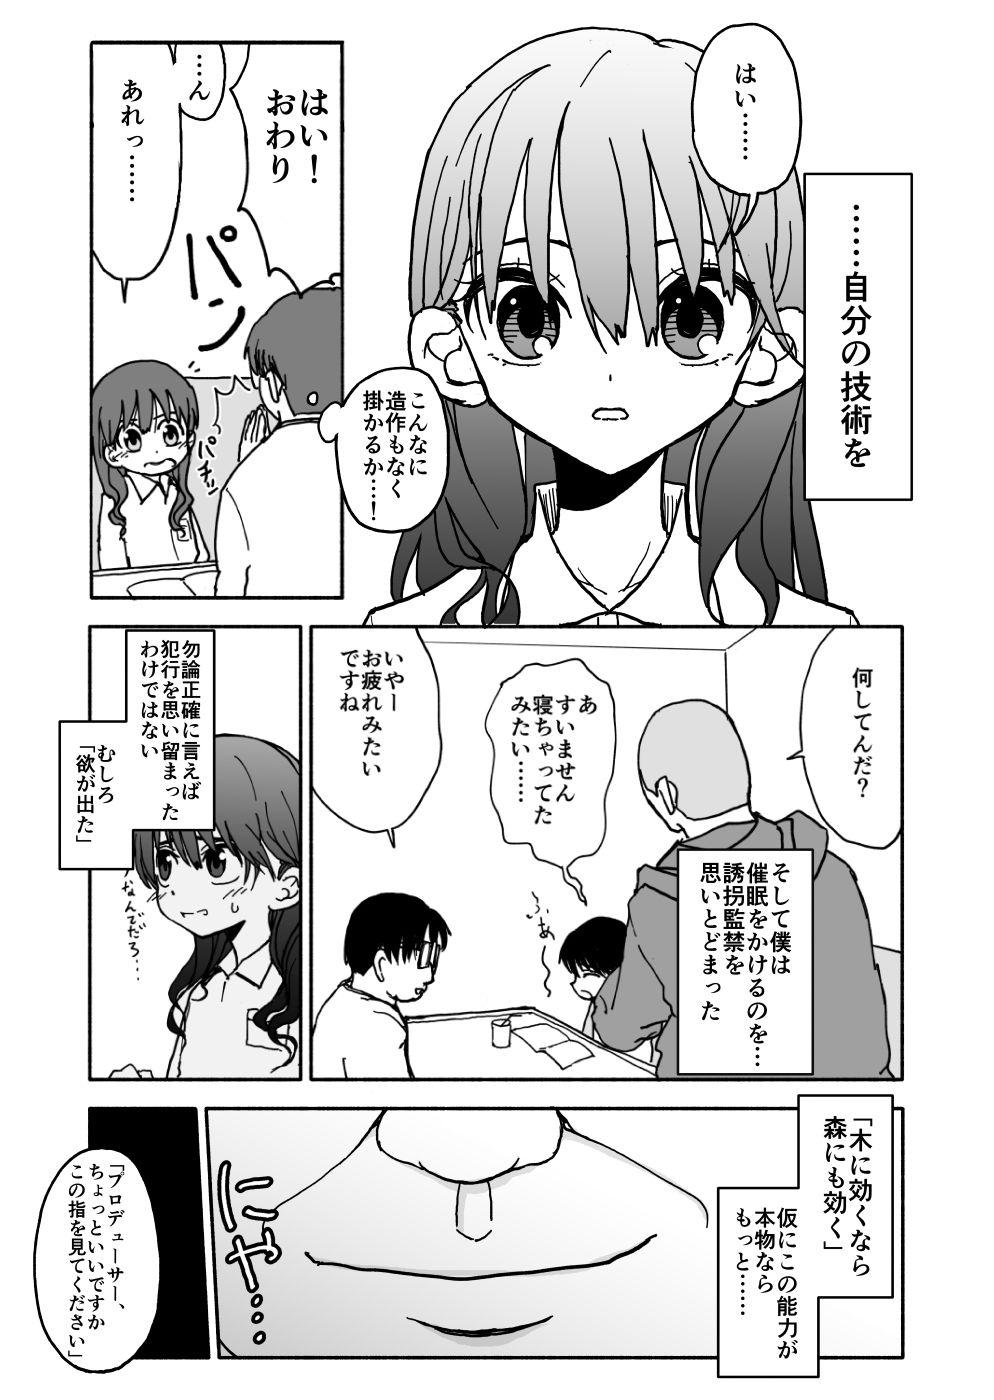 お菓子作りアイドル☆ギミー!エッチな秘密のとっくん漫画